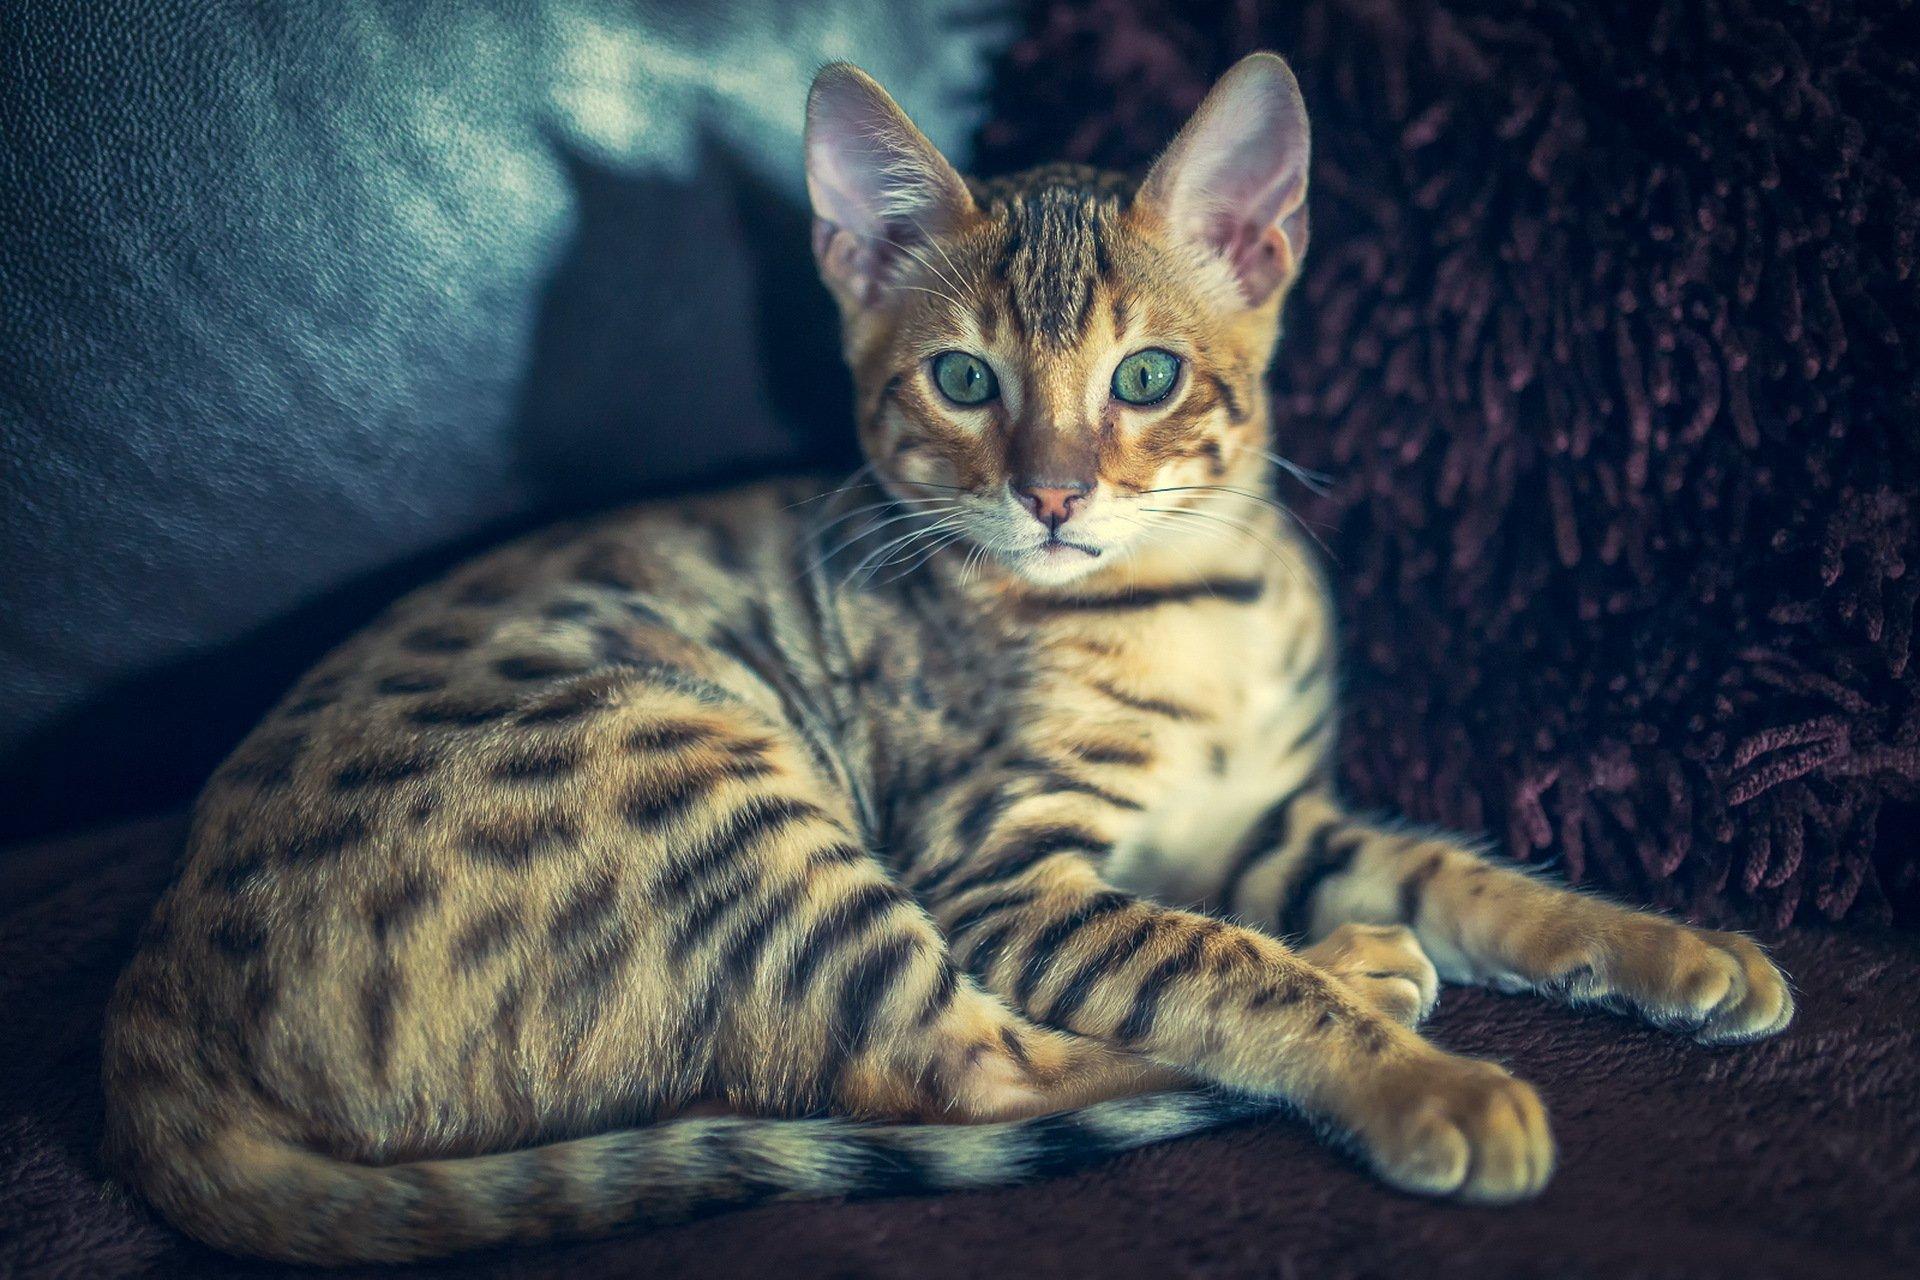 картинки бенгальского котика нас фотоцентре